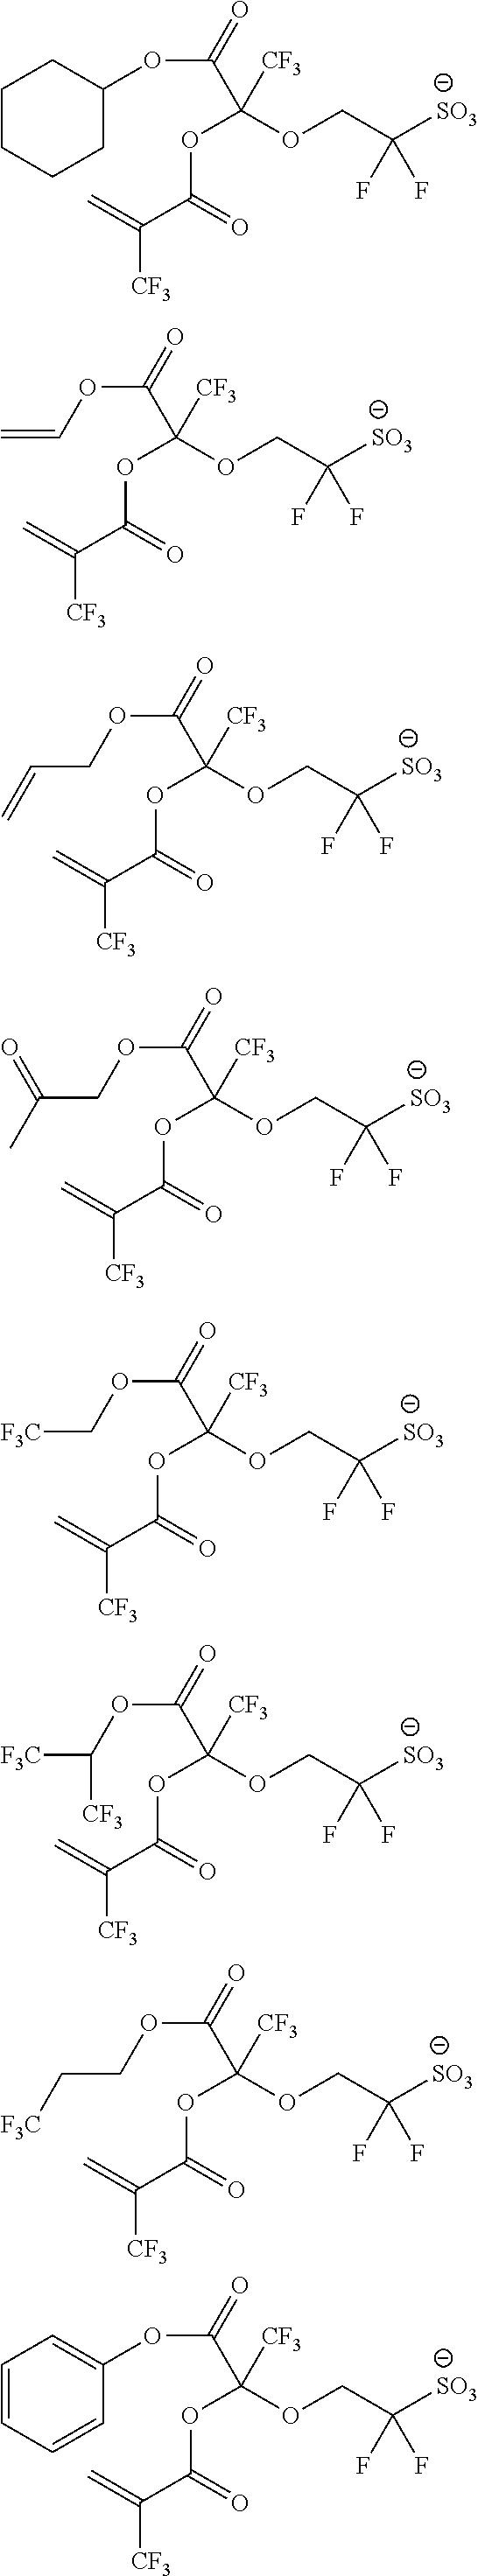 Figure US09182664-20151110-C00031